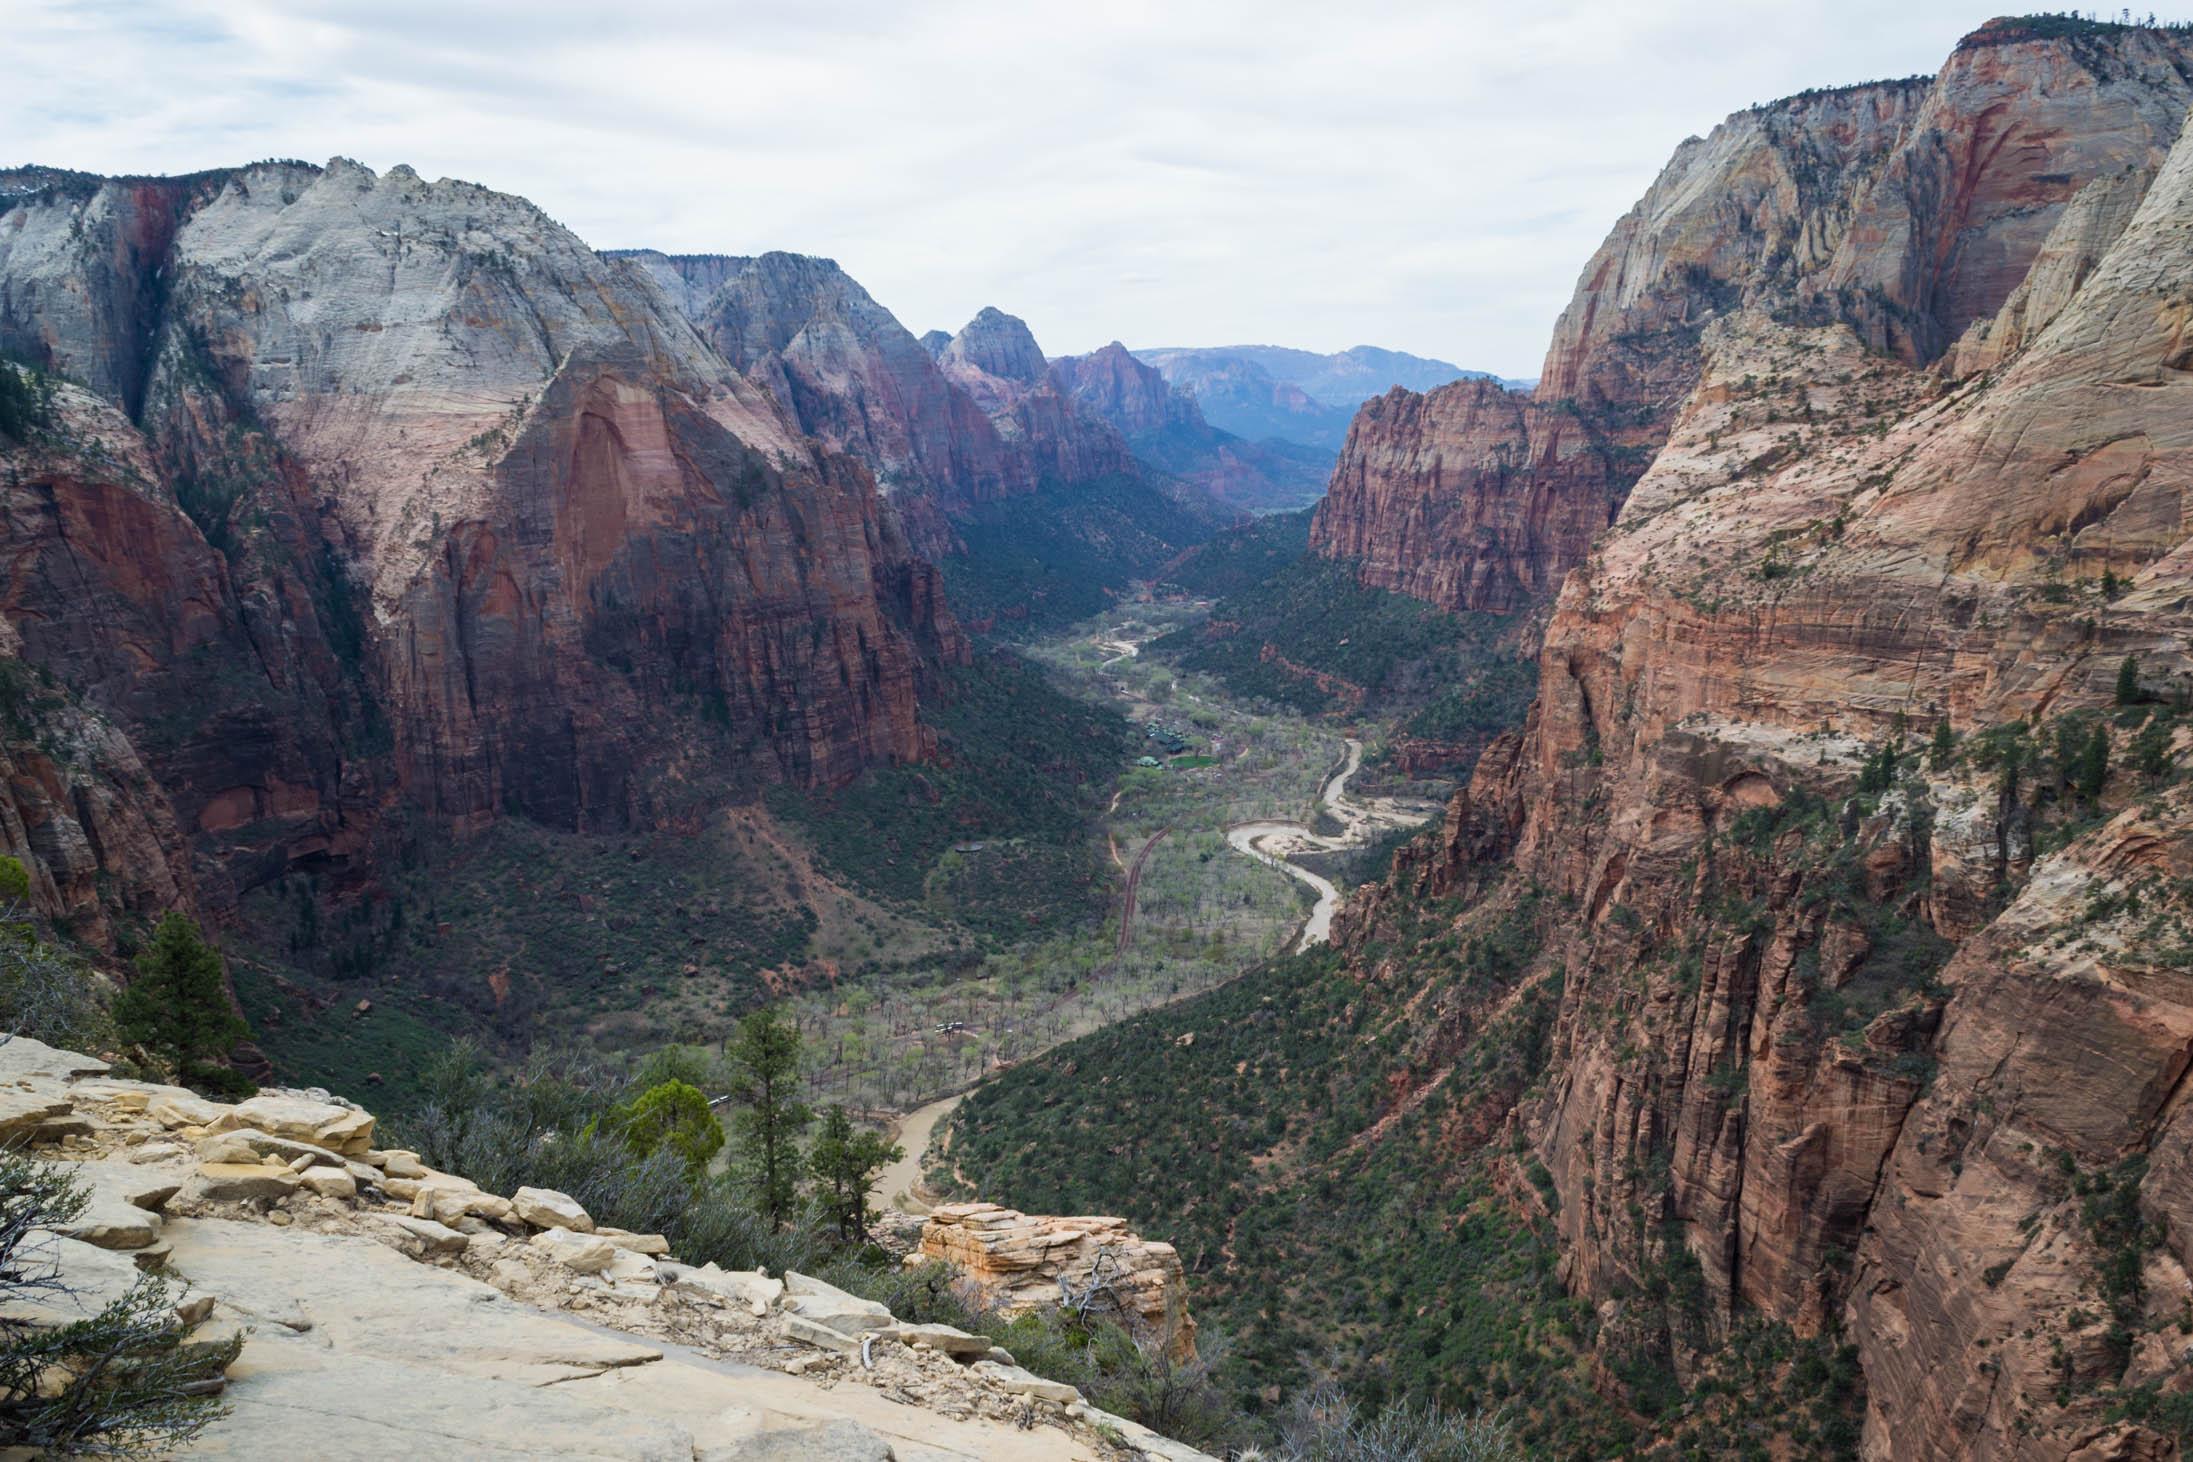 La vue à la fin du trail Angel's Landing